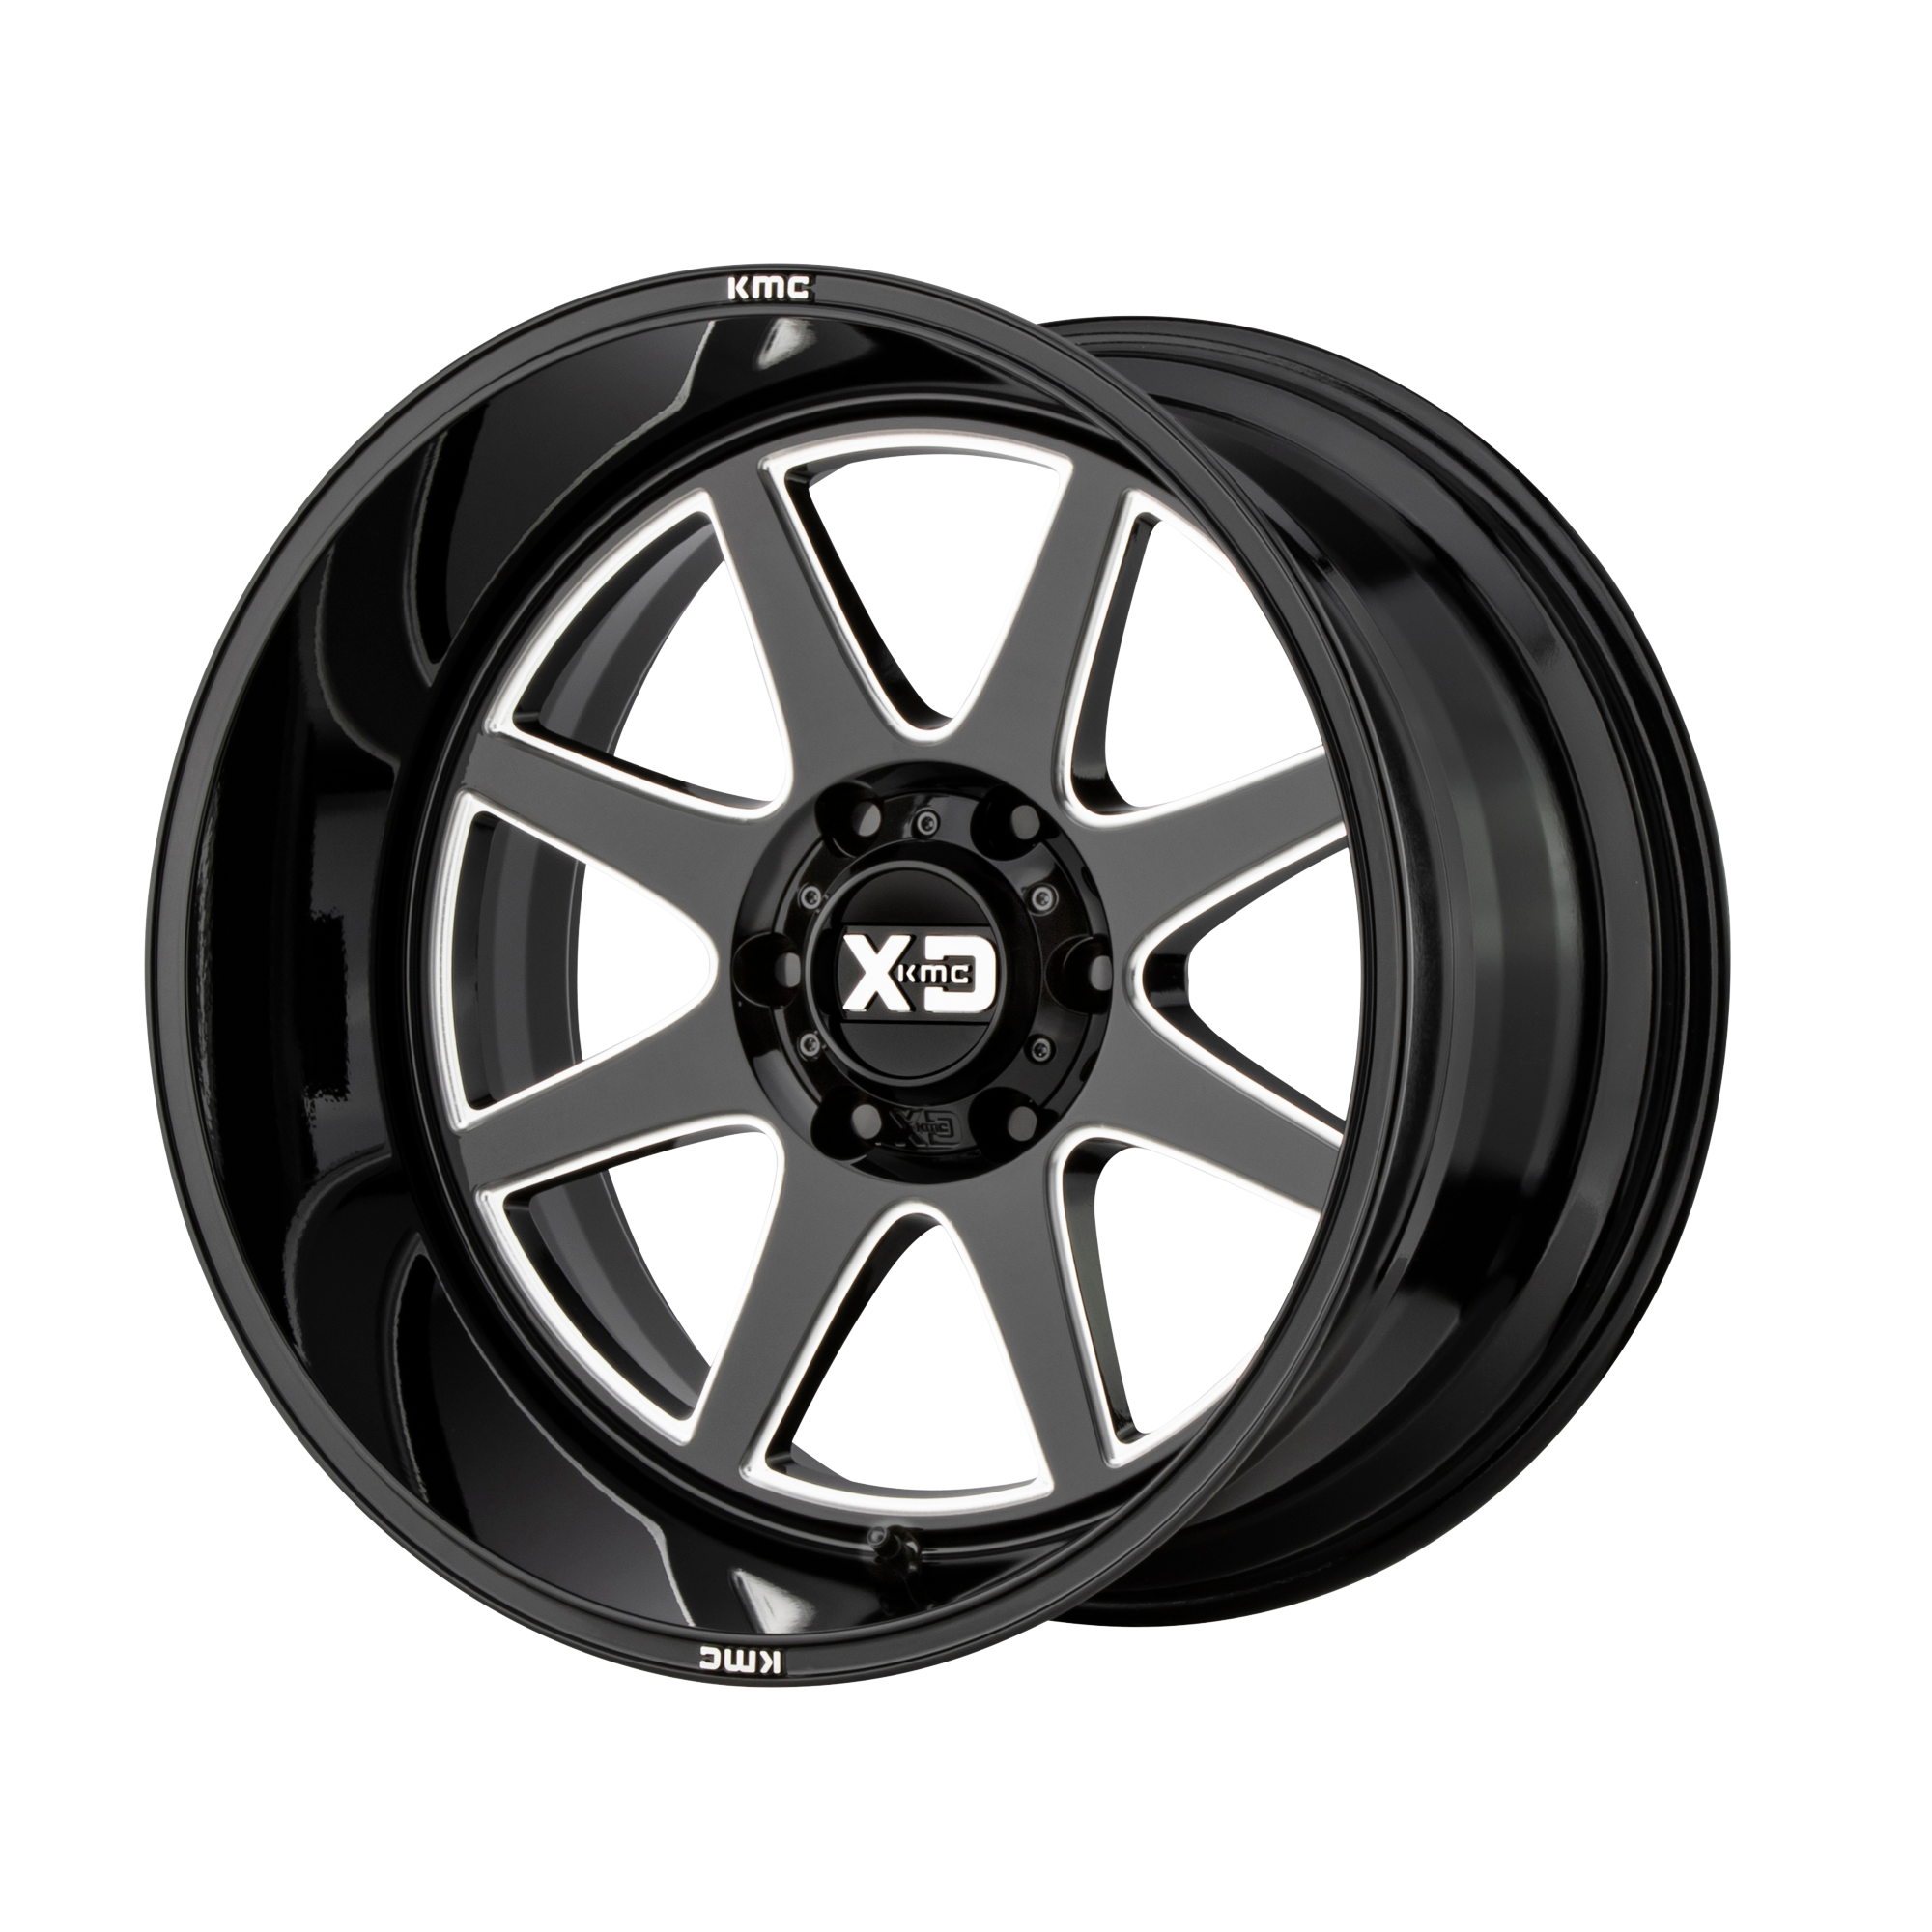 XD SERIES XD844 PIKE hliníkové disky 9x20 8x180 ET18 Gloss Black Milled